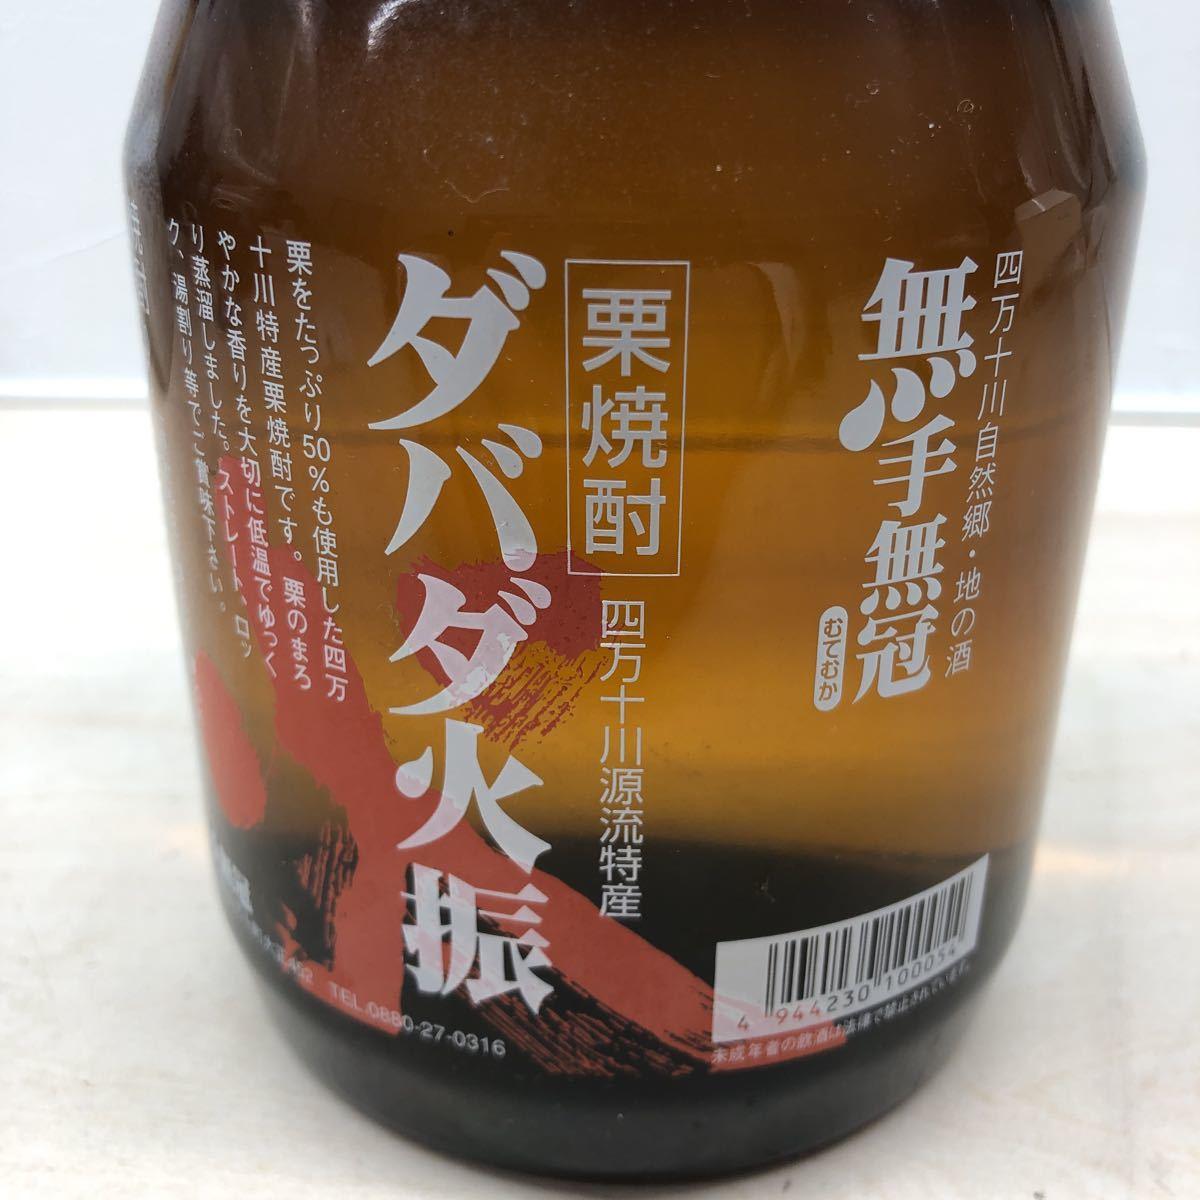 【9】「土佐焼酎」無手無冠 ダバダ火振 900ml 25度 栗焼酎 古酒_画像2